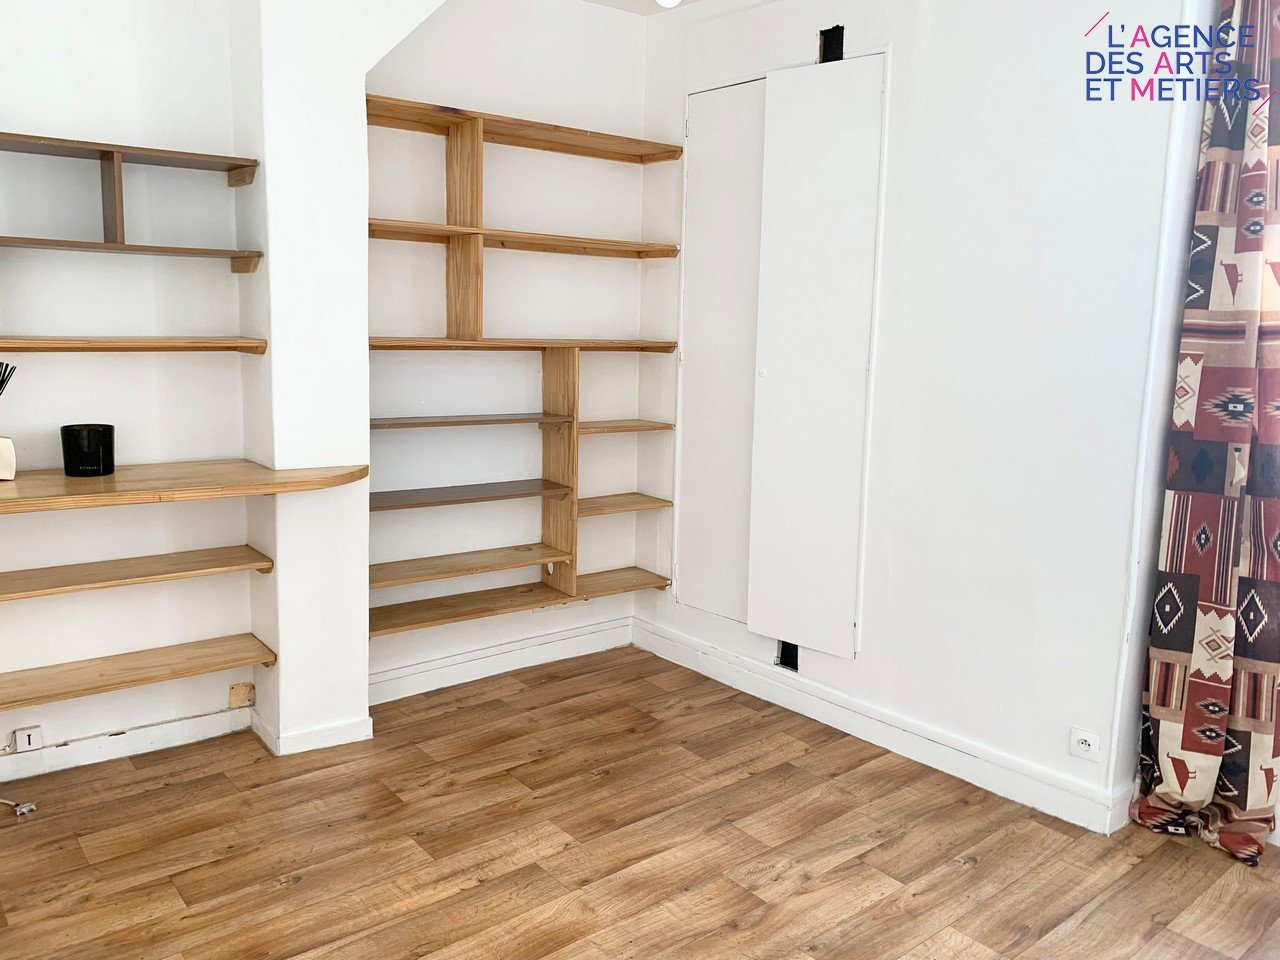 Vente Appartement de 1 pièces 16 m² - Paris 11ème 75011 | L